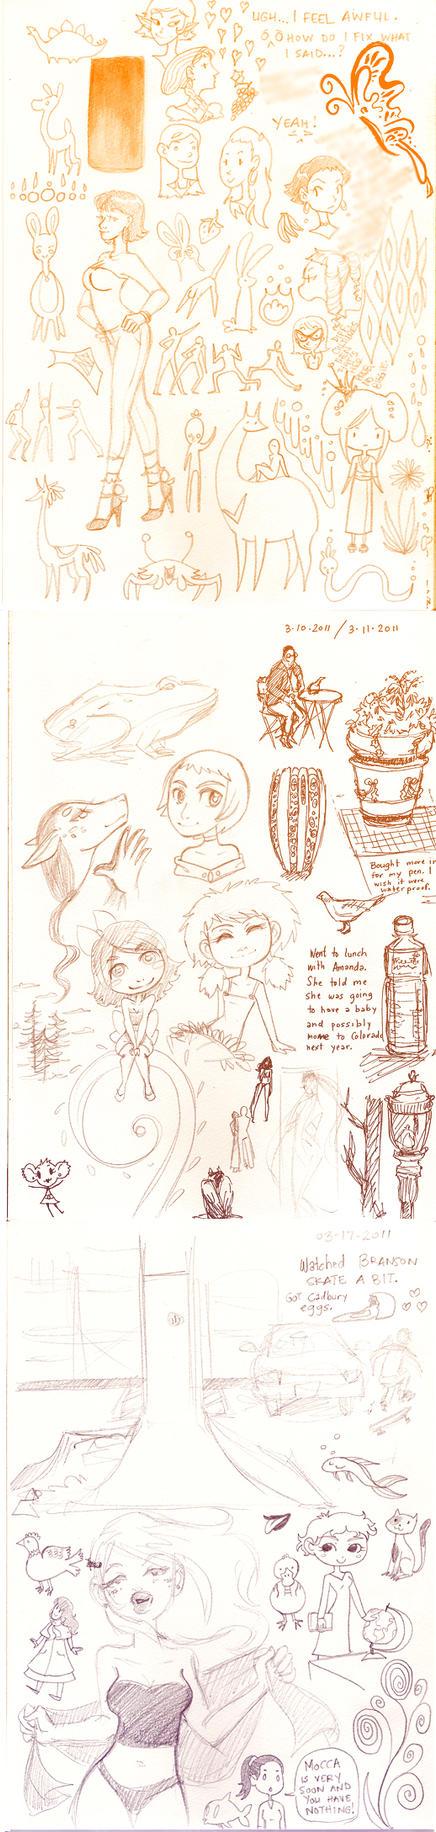 Sketch dump March 2 by NenaLuna